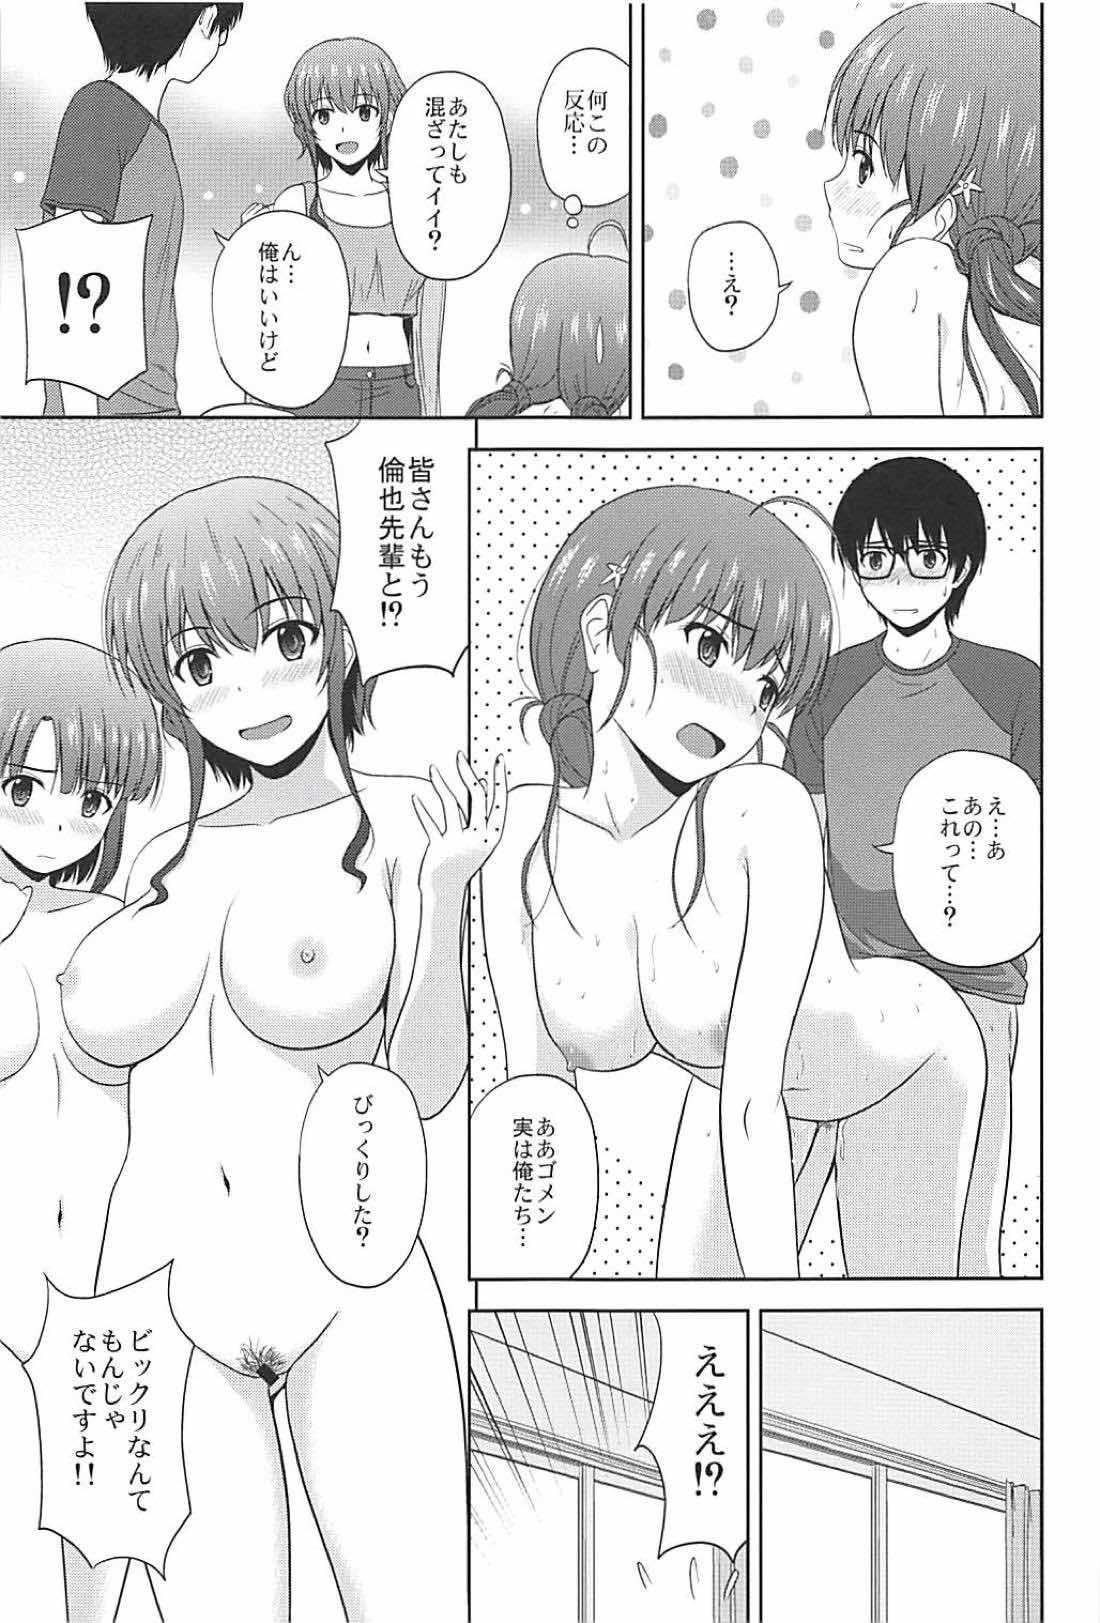 Shinsei Saenai Kanojo-tachi no Rinri Shinsakai 15